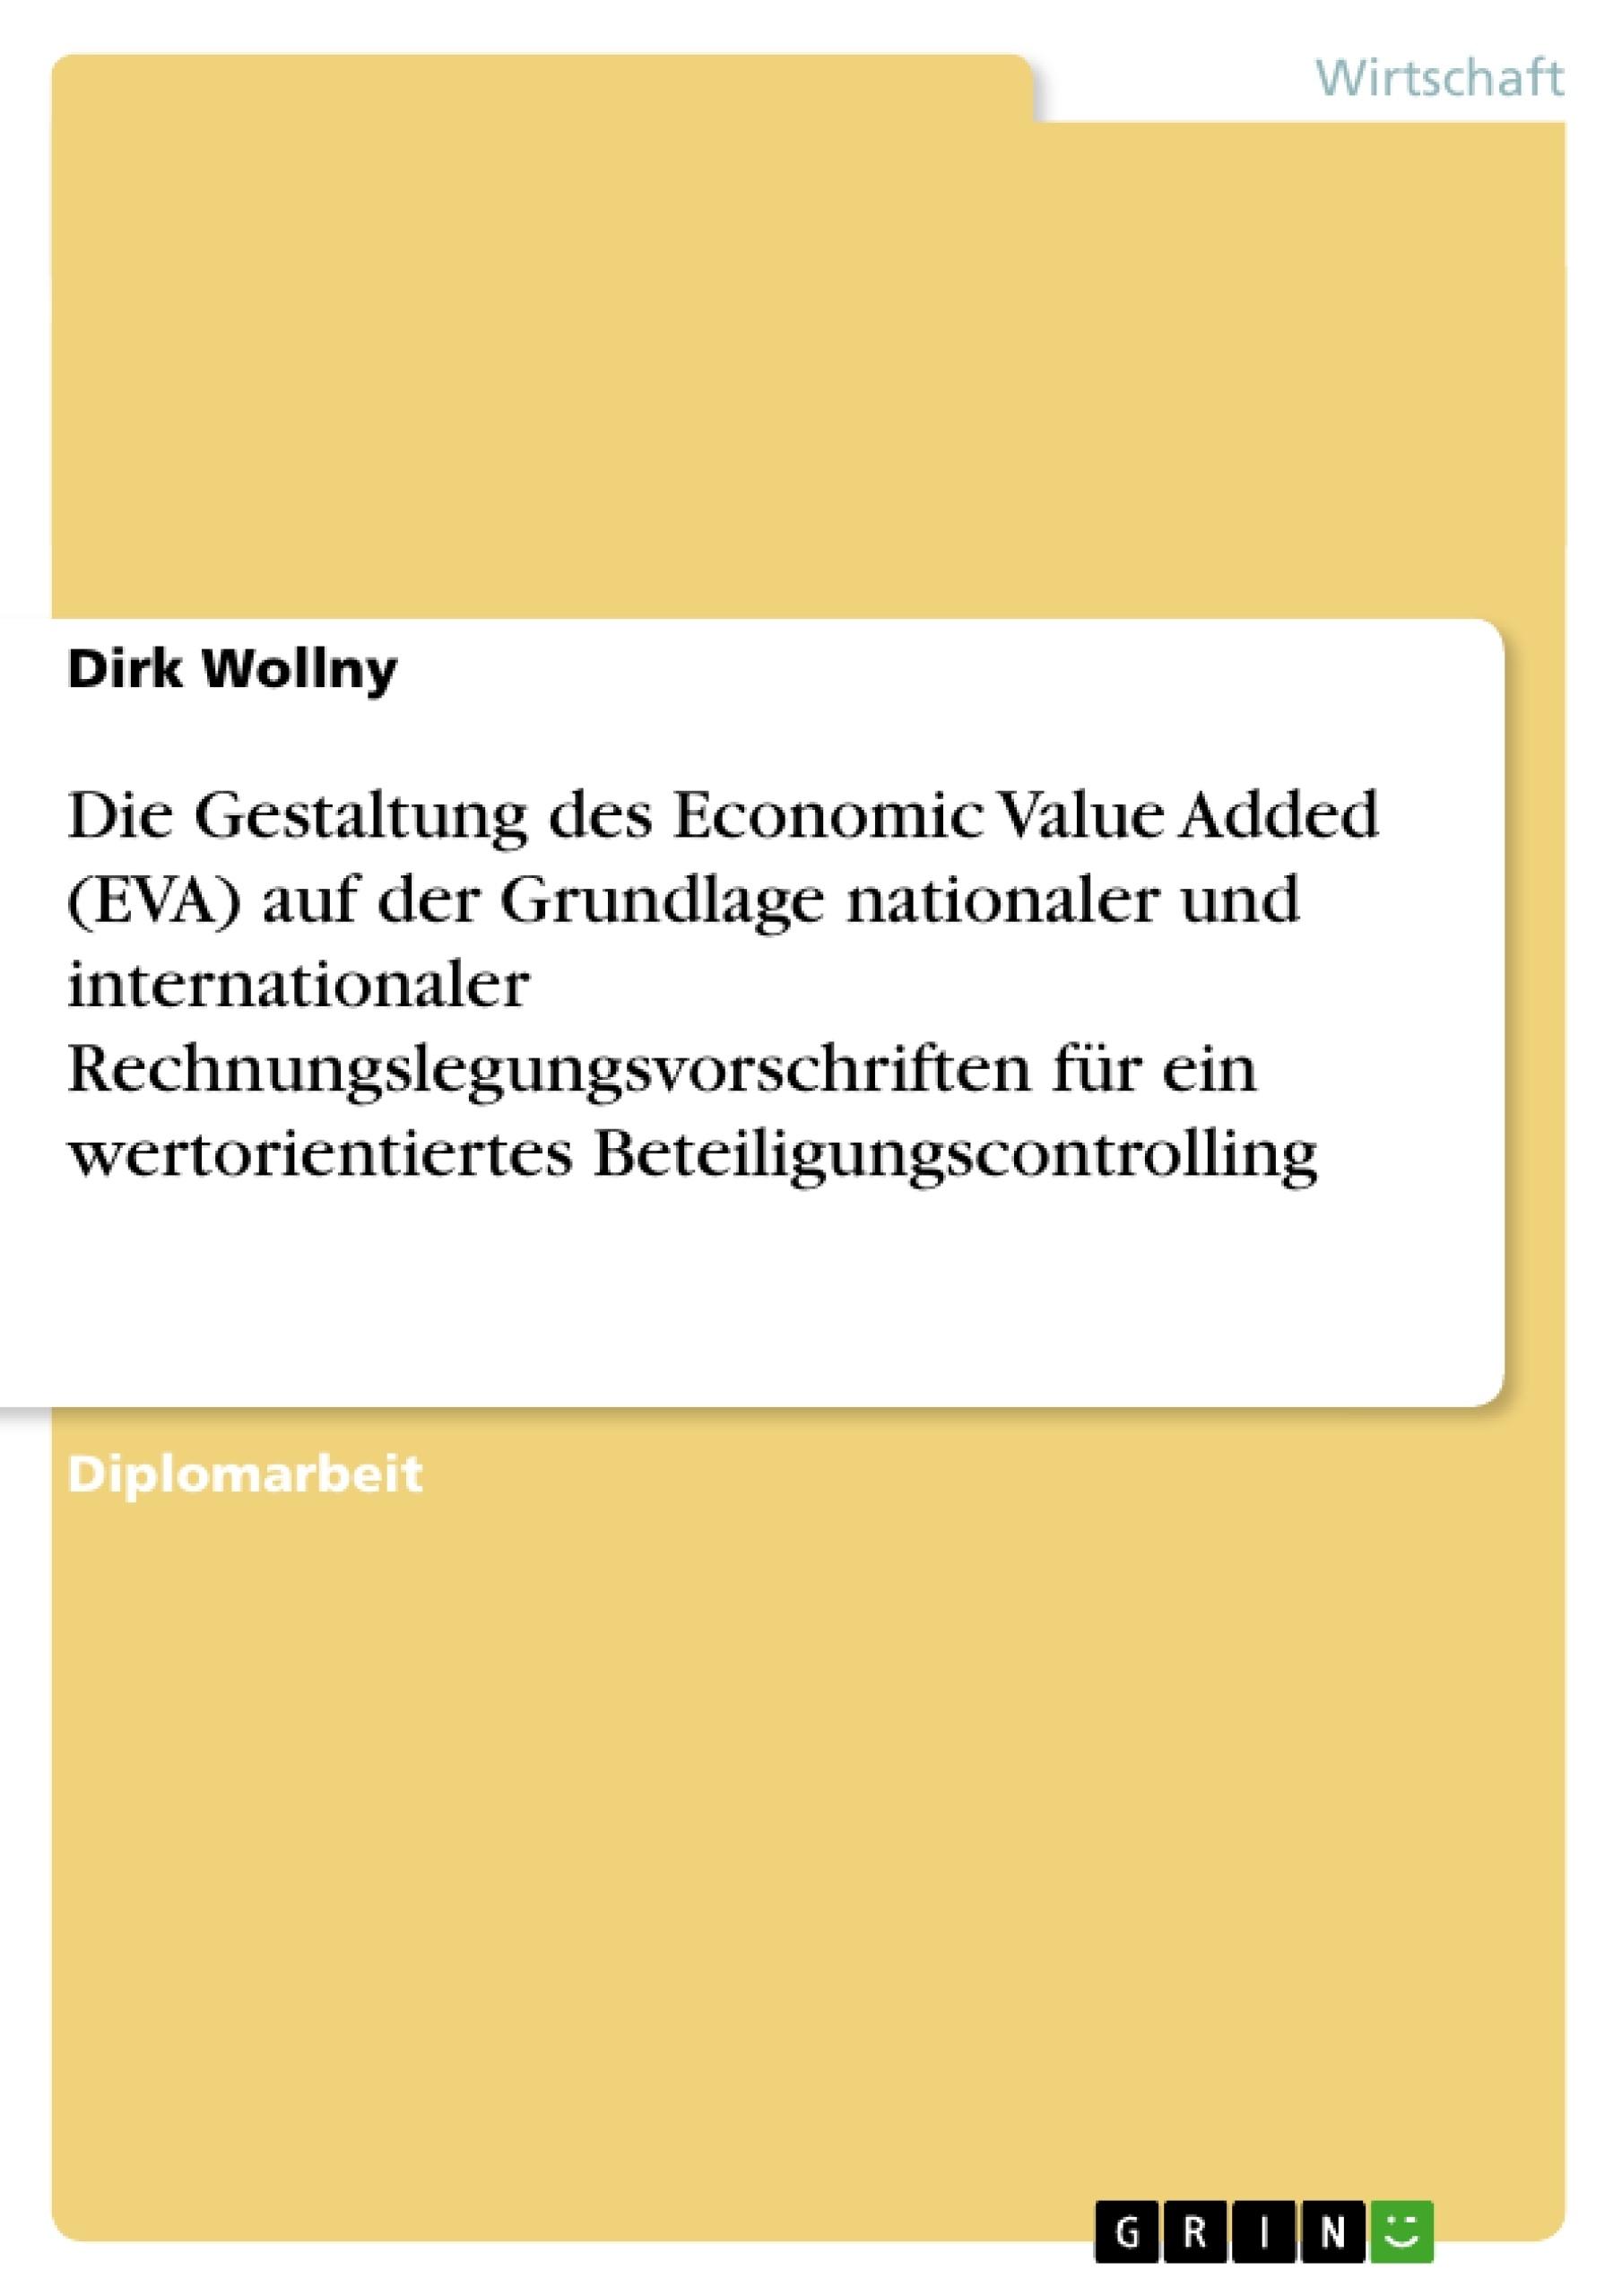 Titel: Die Gestaltung des Economic Value Added (EVA) auf der Grundlage nationaler und internationaler Rechnungslegungsvorschriften für ein wertorientiertes Beteiligungscontrolling